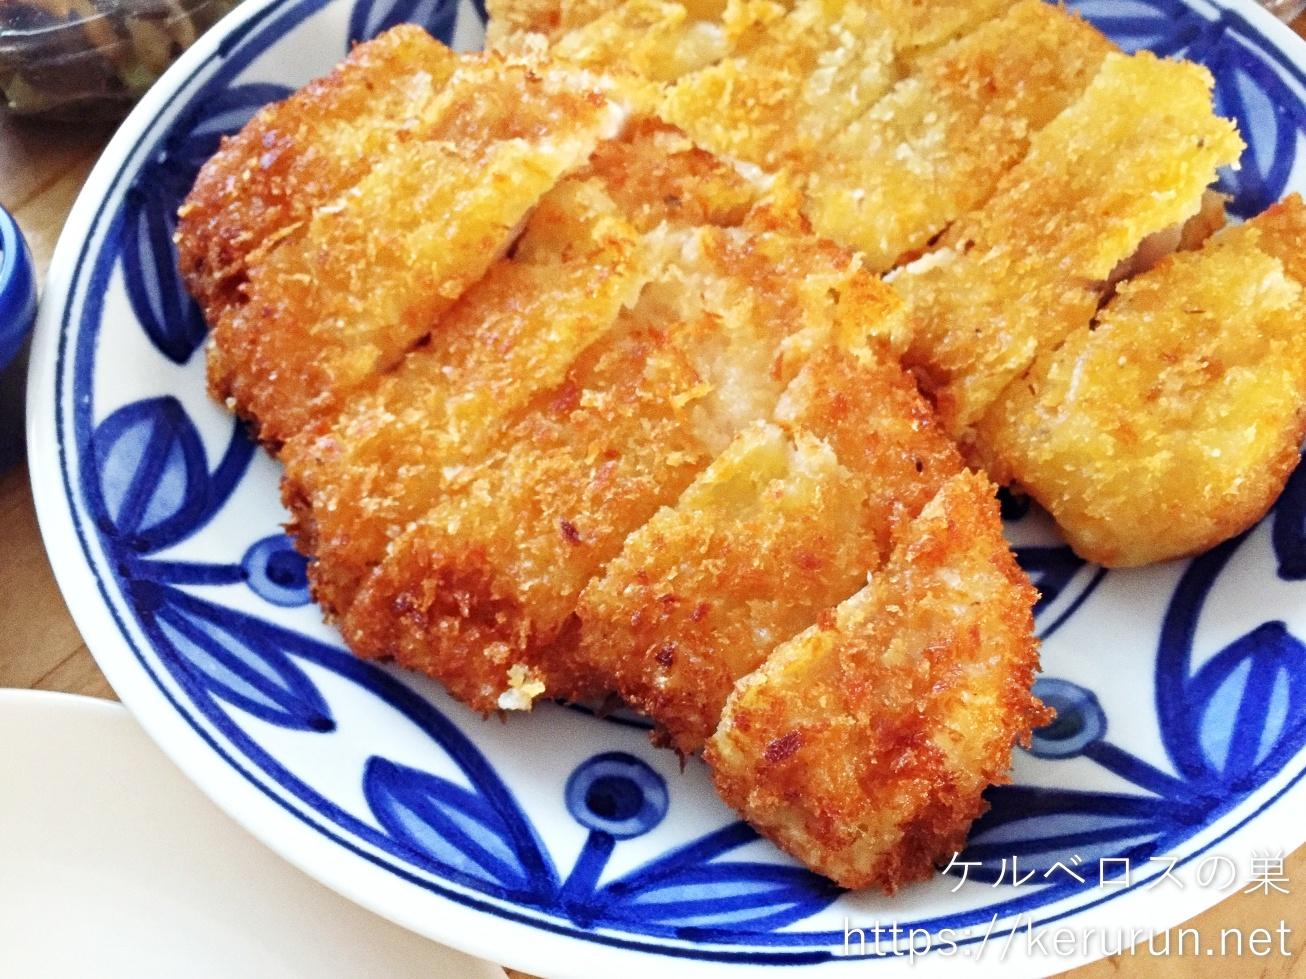 コストコの国産豚肉で作るとんかつ弁当